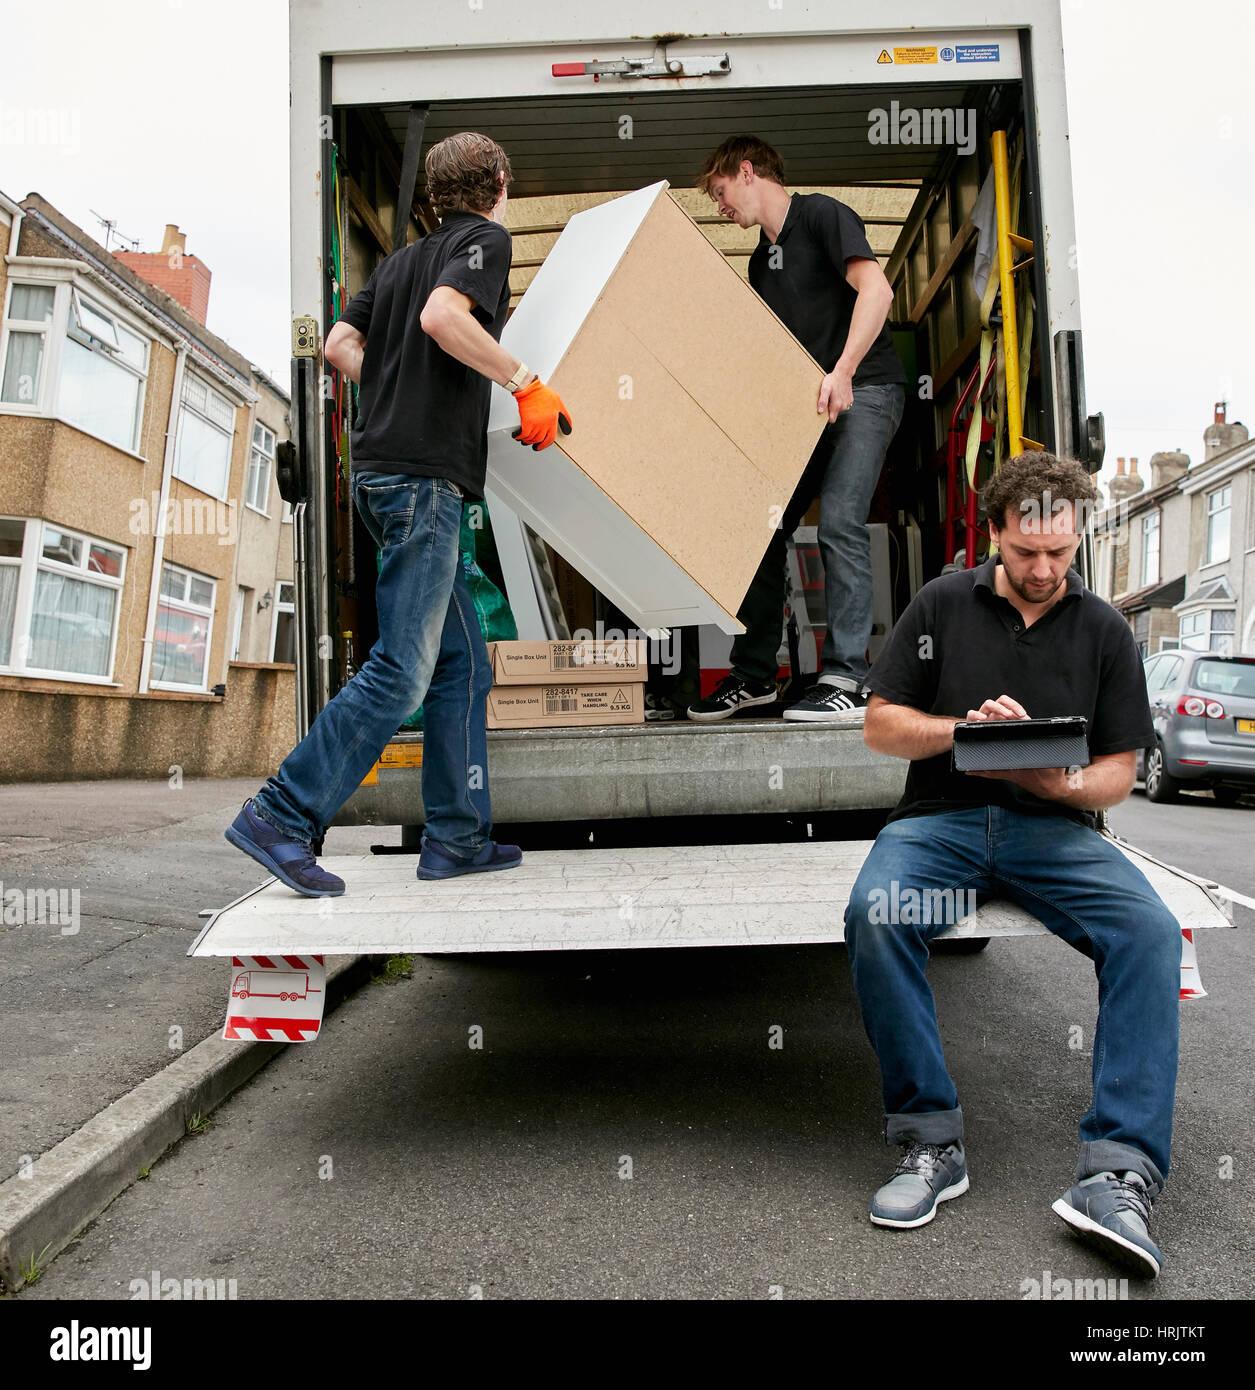 Trasloco di servizi business una ditta di traslochi due for Ditte mobili